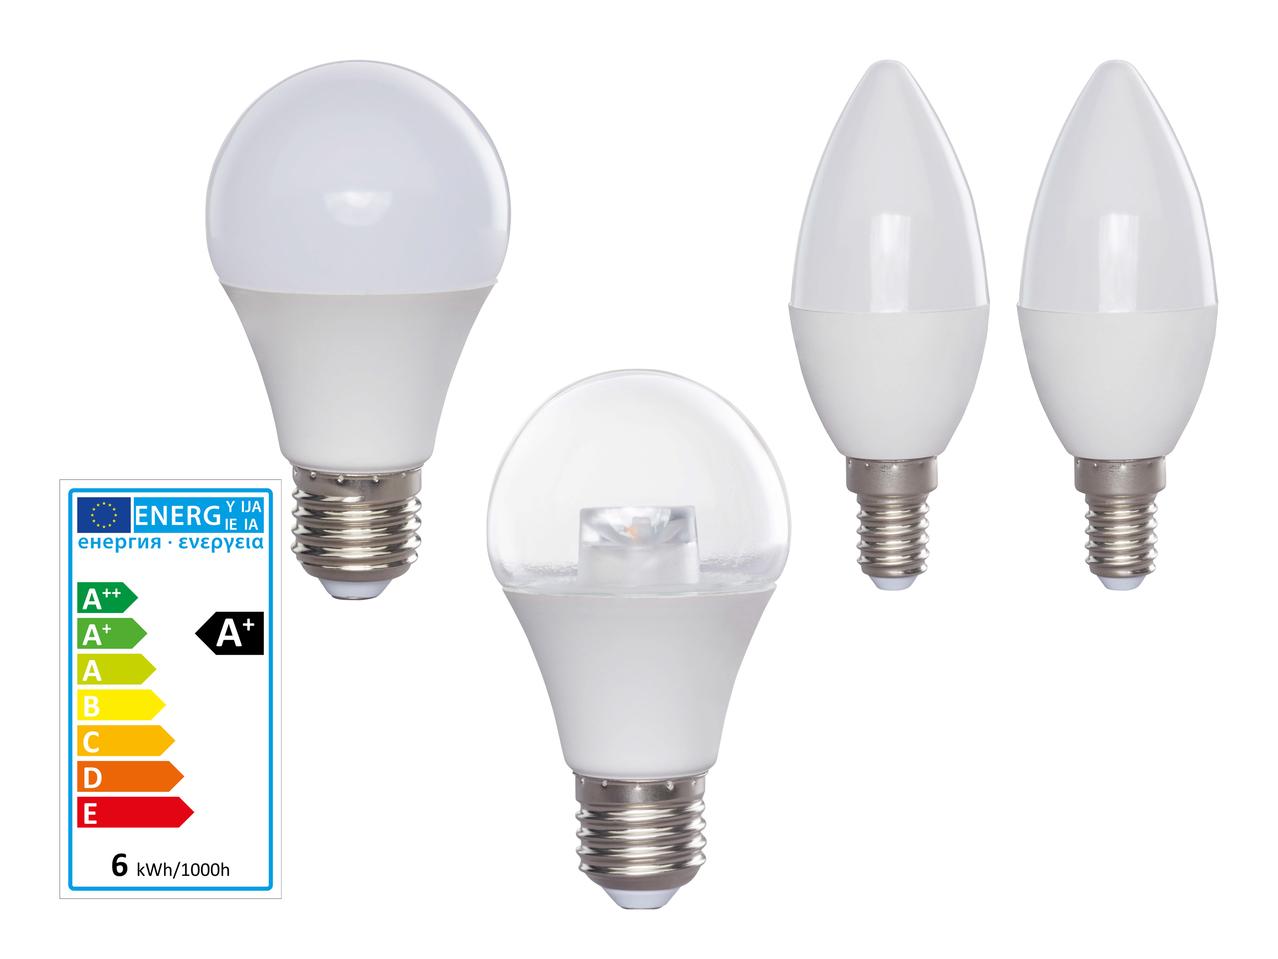 Led Lampen Lidl : Led lampe lidl u schweiz archiv werbeangebote